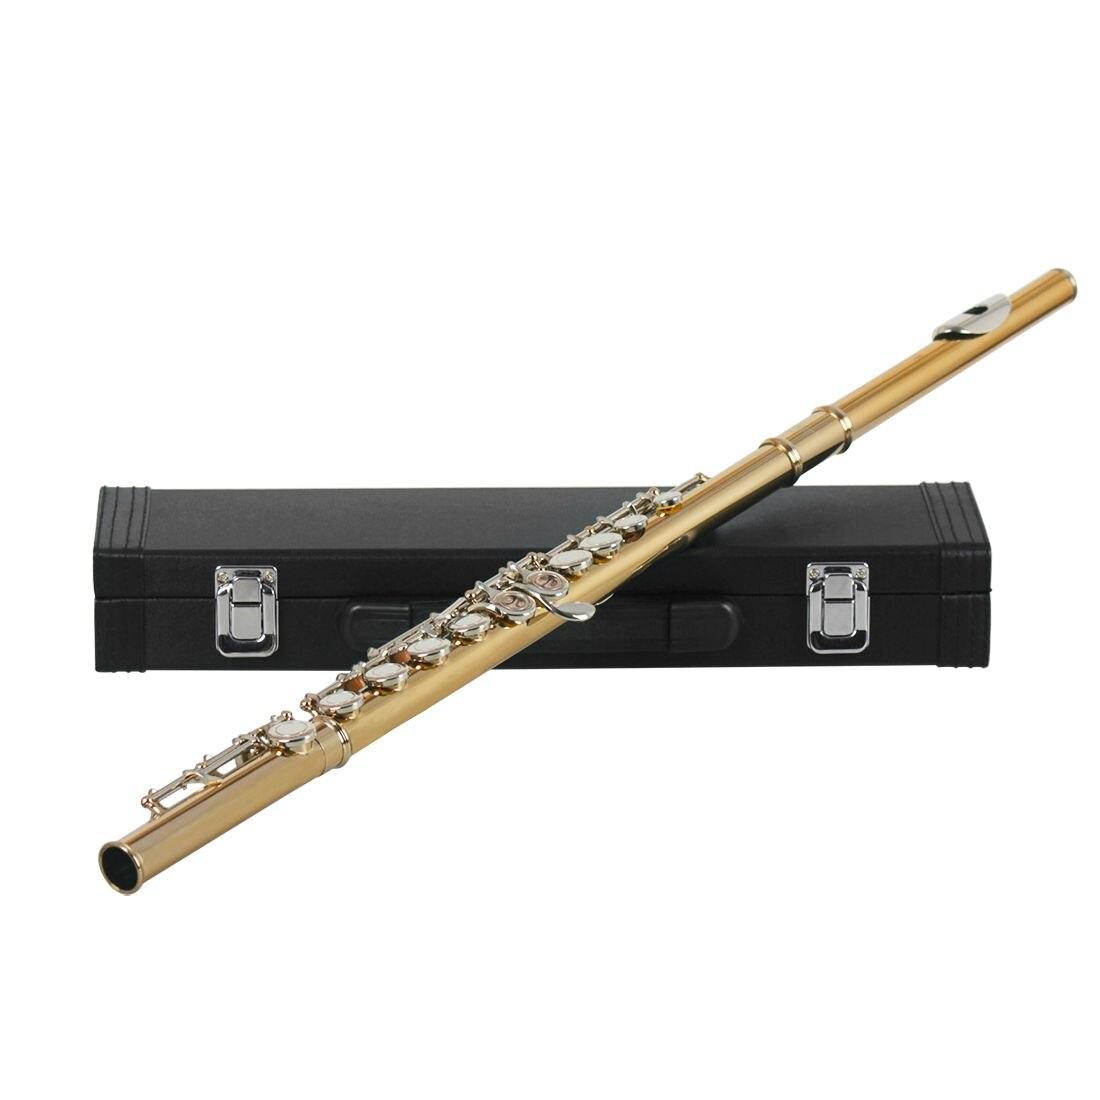 New Western Concert Flûte 16 Trous C Clé Cupronickel Instrument de musique avec Chiffon De Nettoyage Bâton Gants Tournevis Or